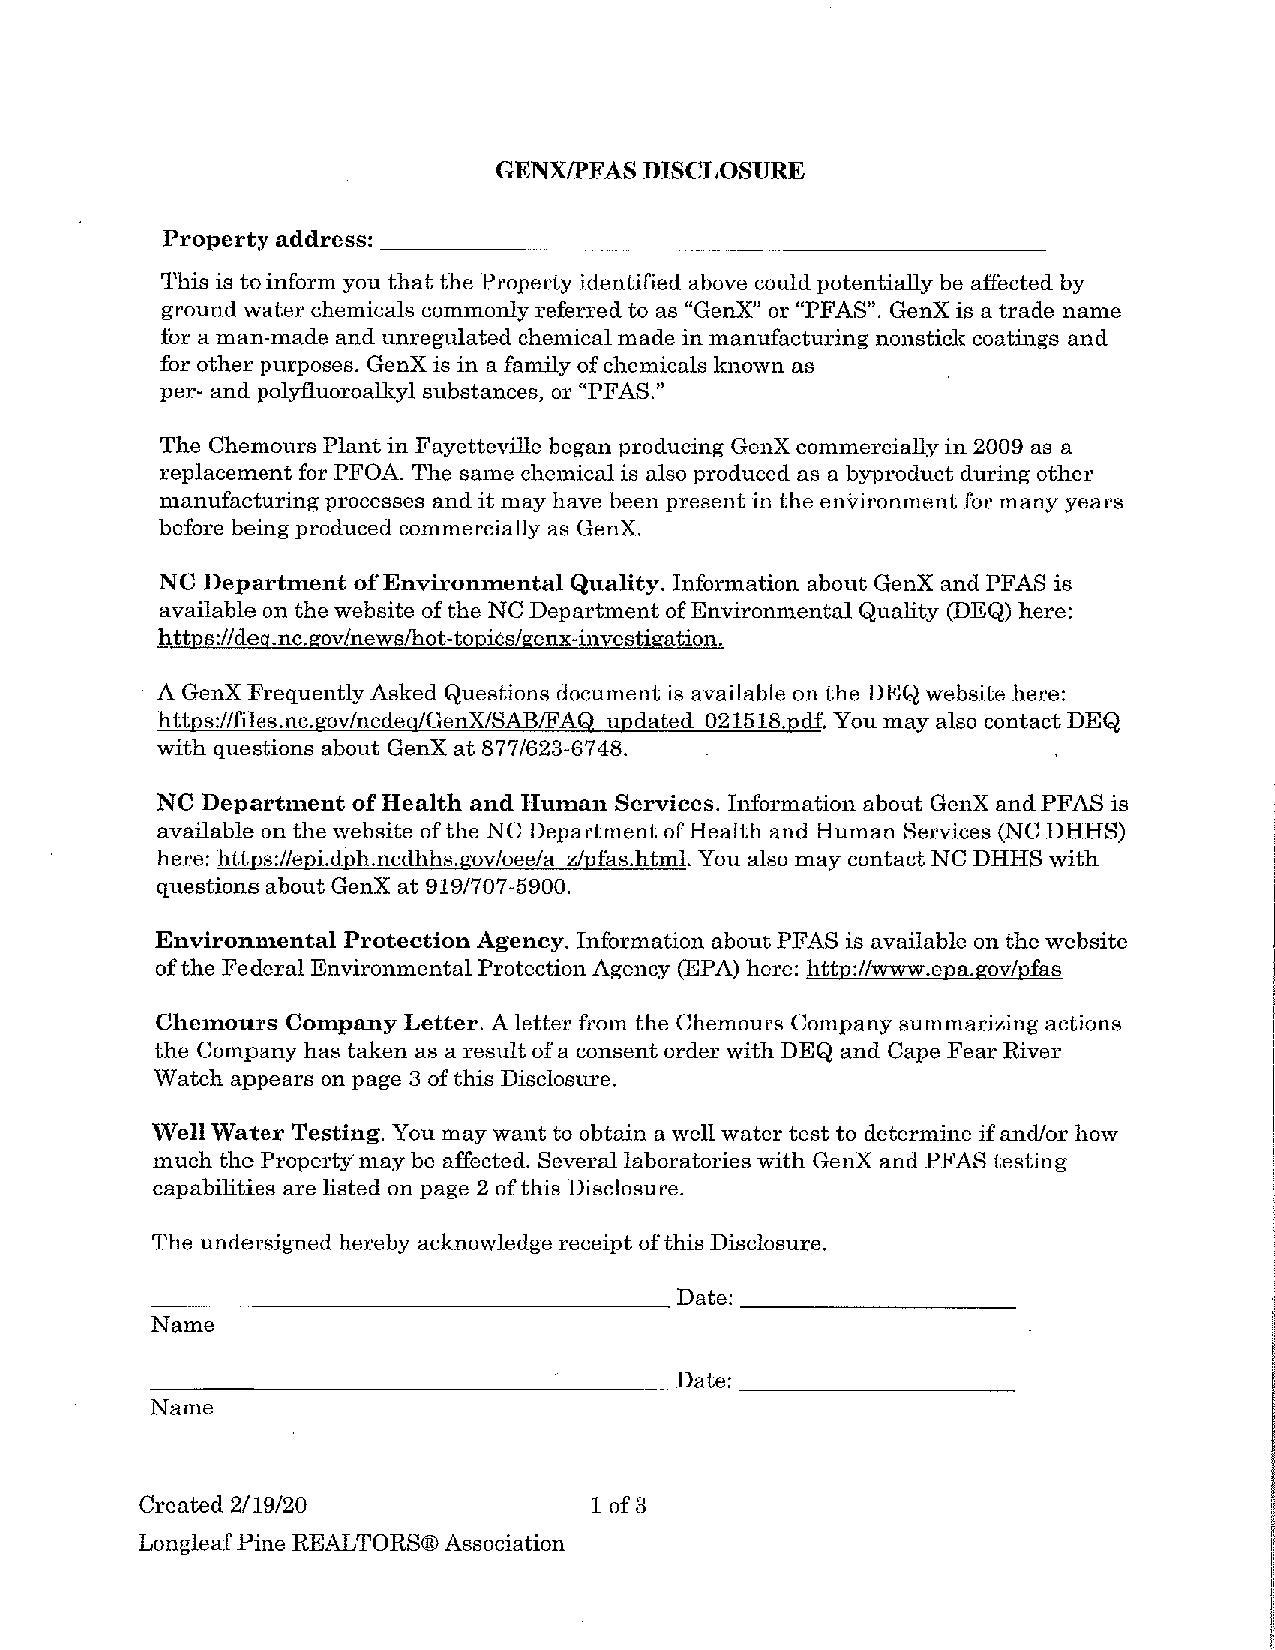 PFAS Disclosure